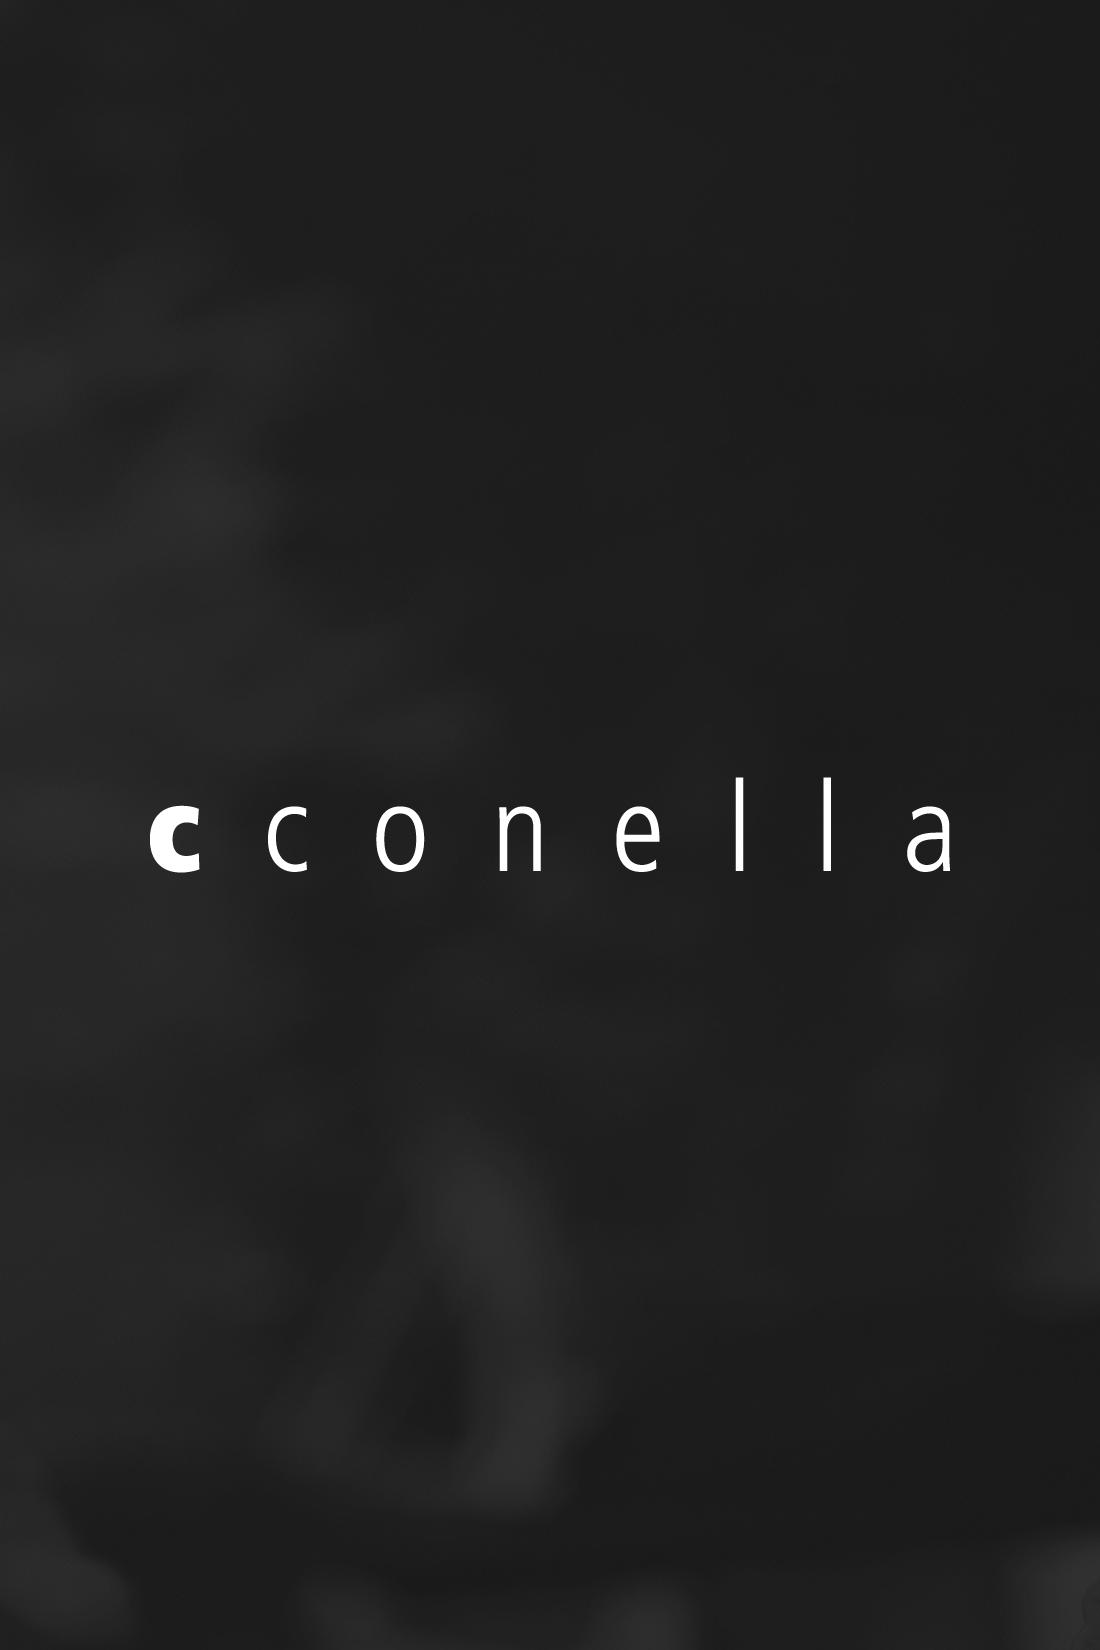 CAMINE CONELLA